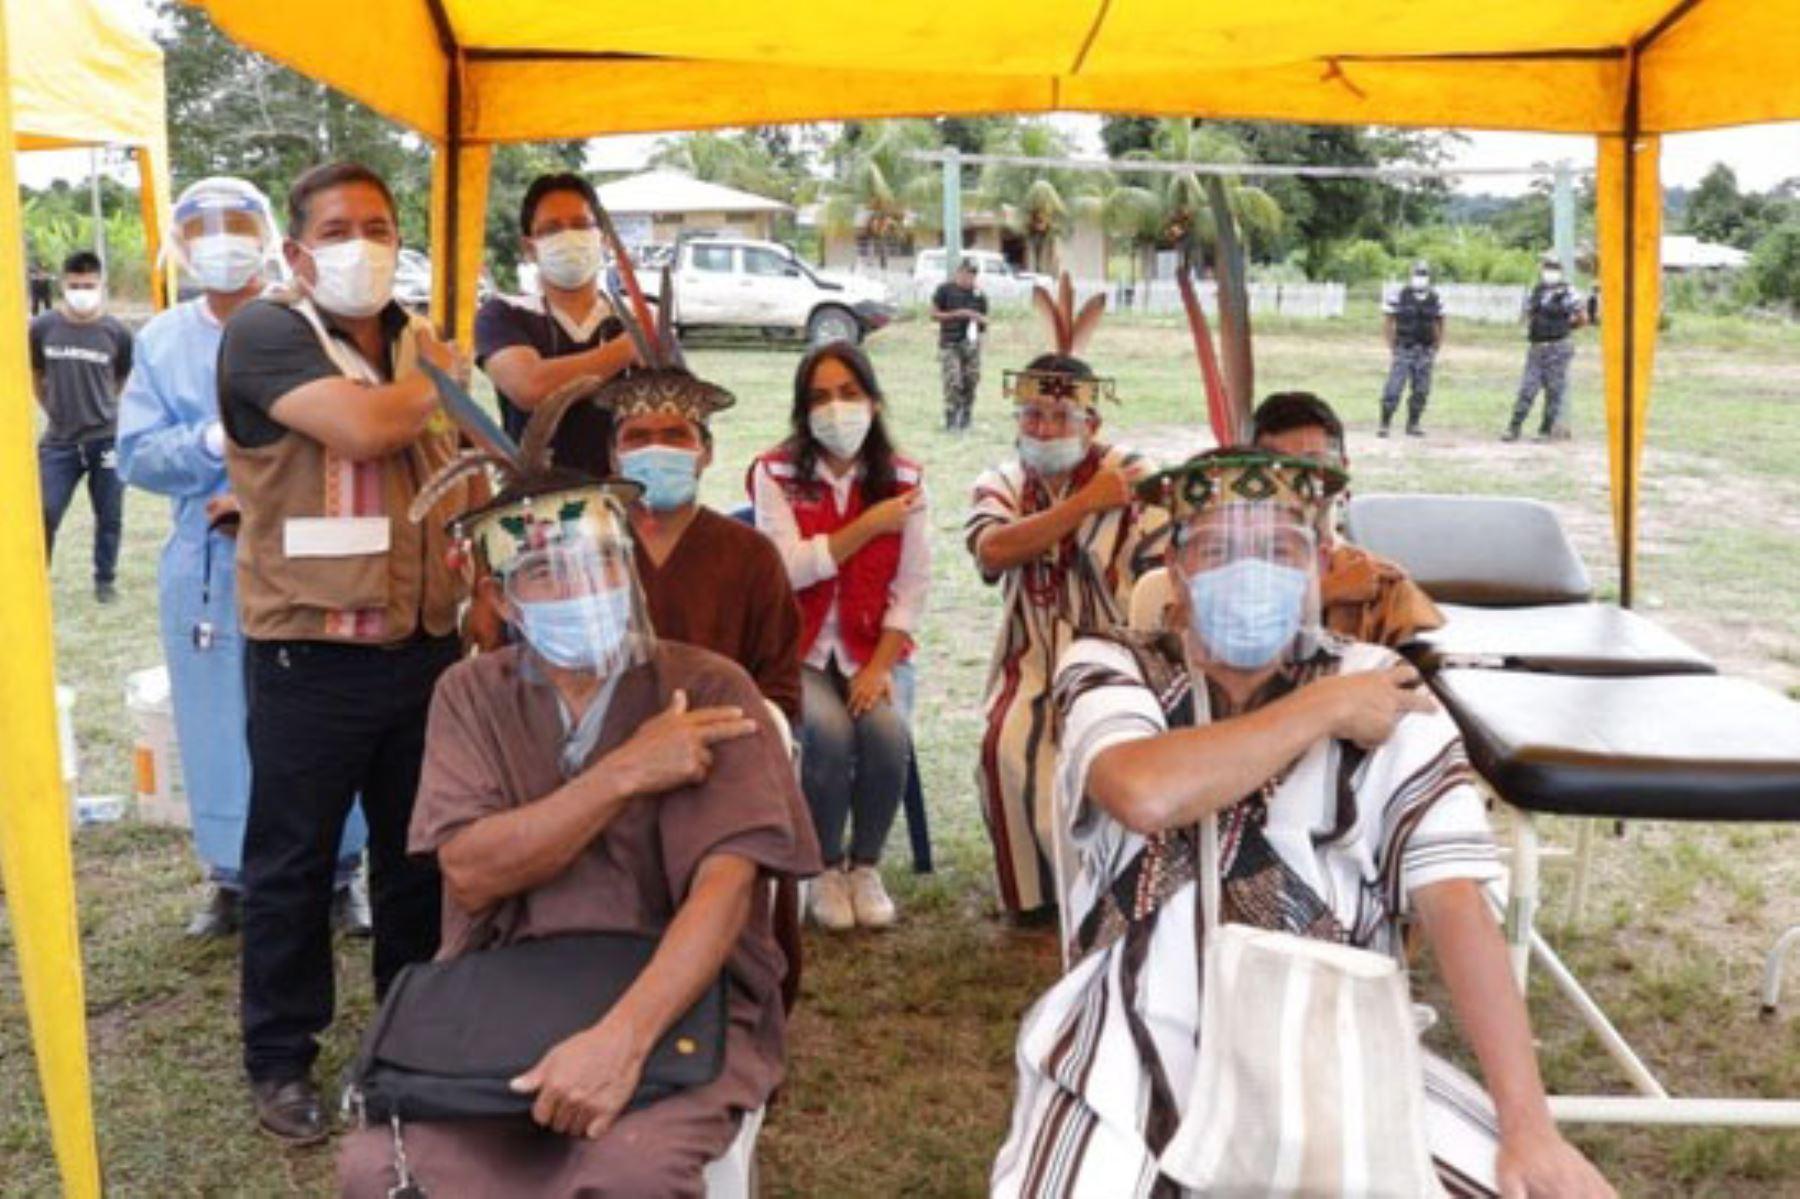 Ministerio de Cultura difunde mensajes en lenguas indígenas durante jornadas de vacunación